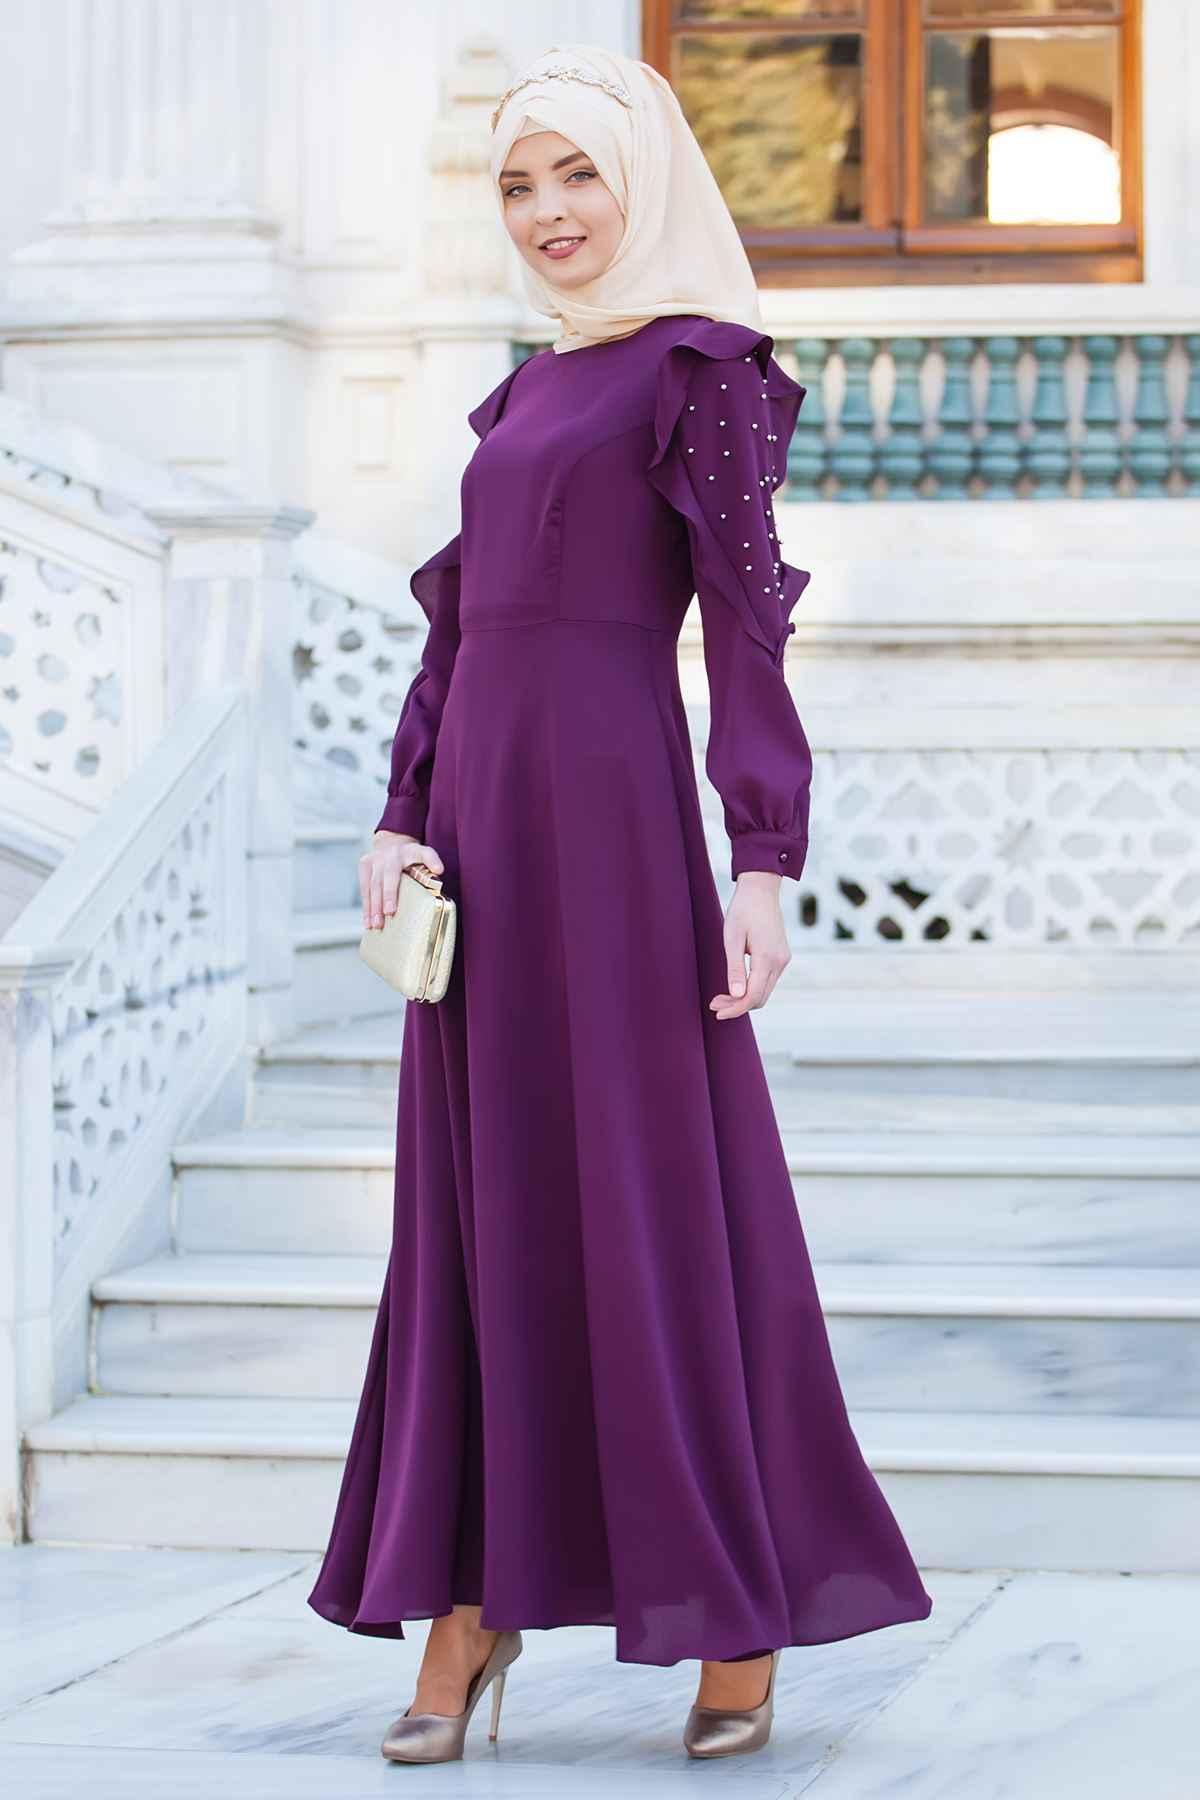 Sedanur Tesettür İncili Elbise Modelleri